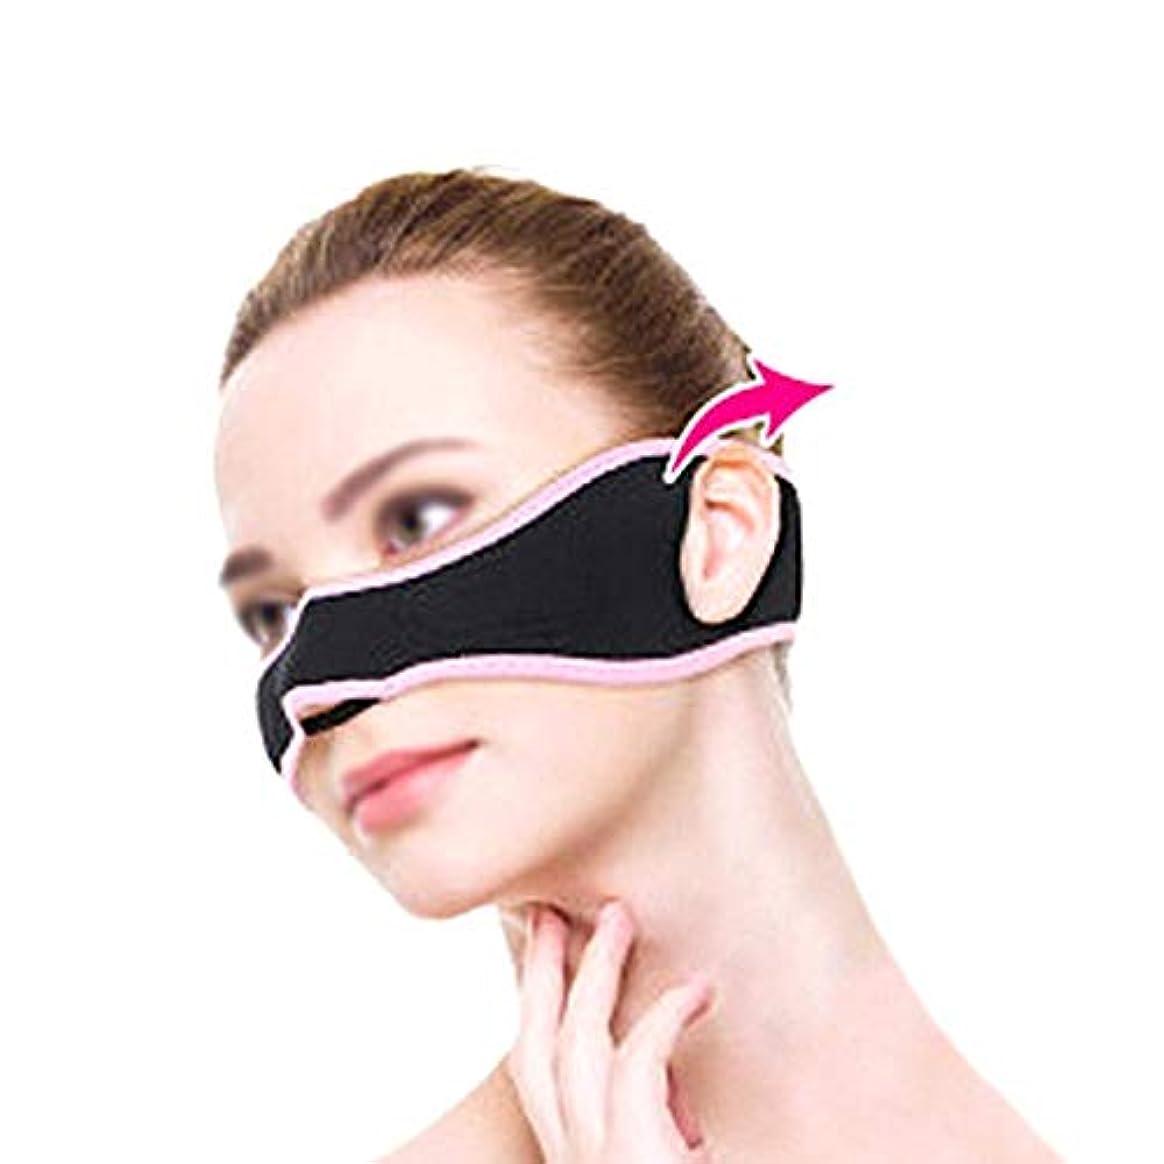 ソロ遠征削除するXHLMRMJ フェイスリフティングマスク、チークリフトアップマスク、薄くて薄い顔、顔の筋肉を引き締めて持ち上げ、持ち運びが簡単で、男性と女性の両方が使用できます